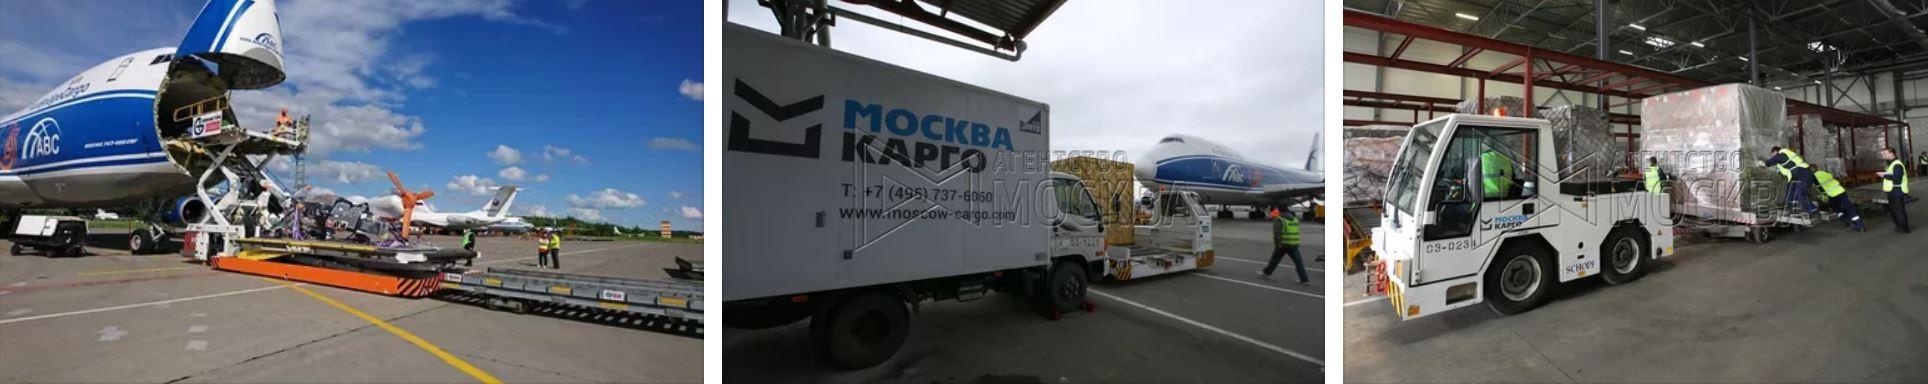 Moscow терминал грузовой2019 Москва Карго в Шереметьево